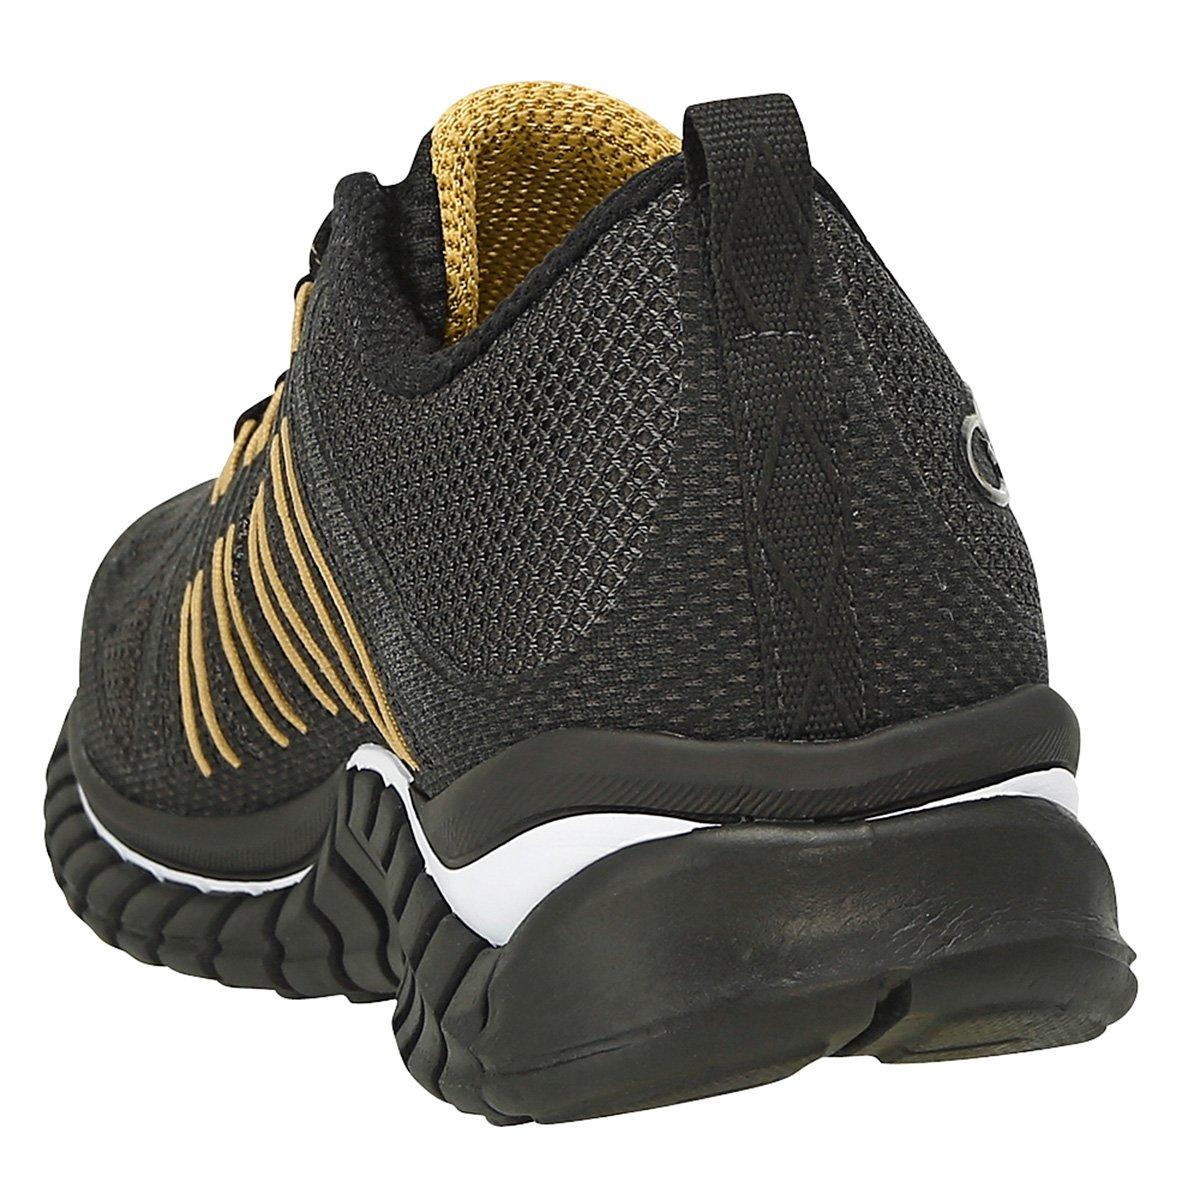 0a67eebb63 Tênis Olympikus Extreme Masculino - Preto e Dourado - Compre Agora ...